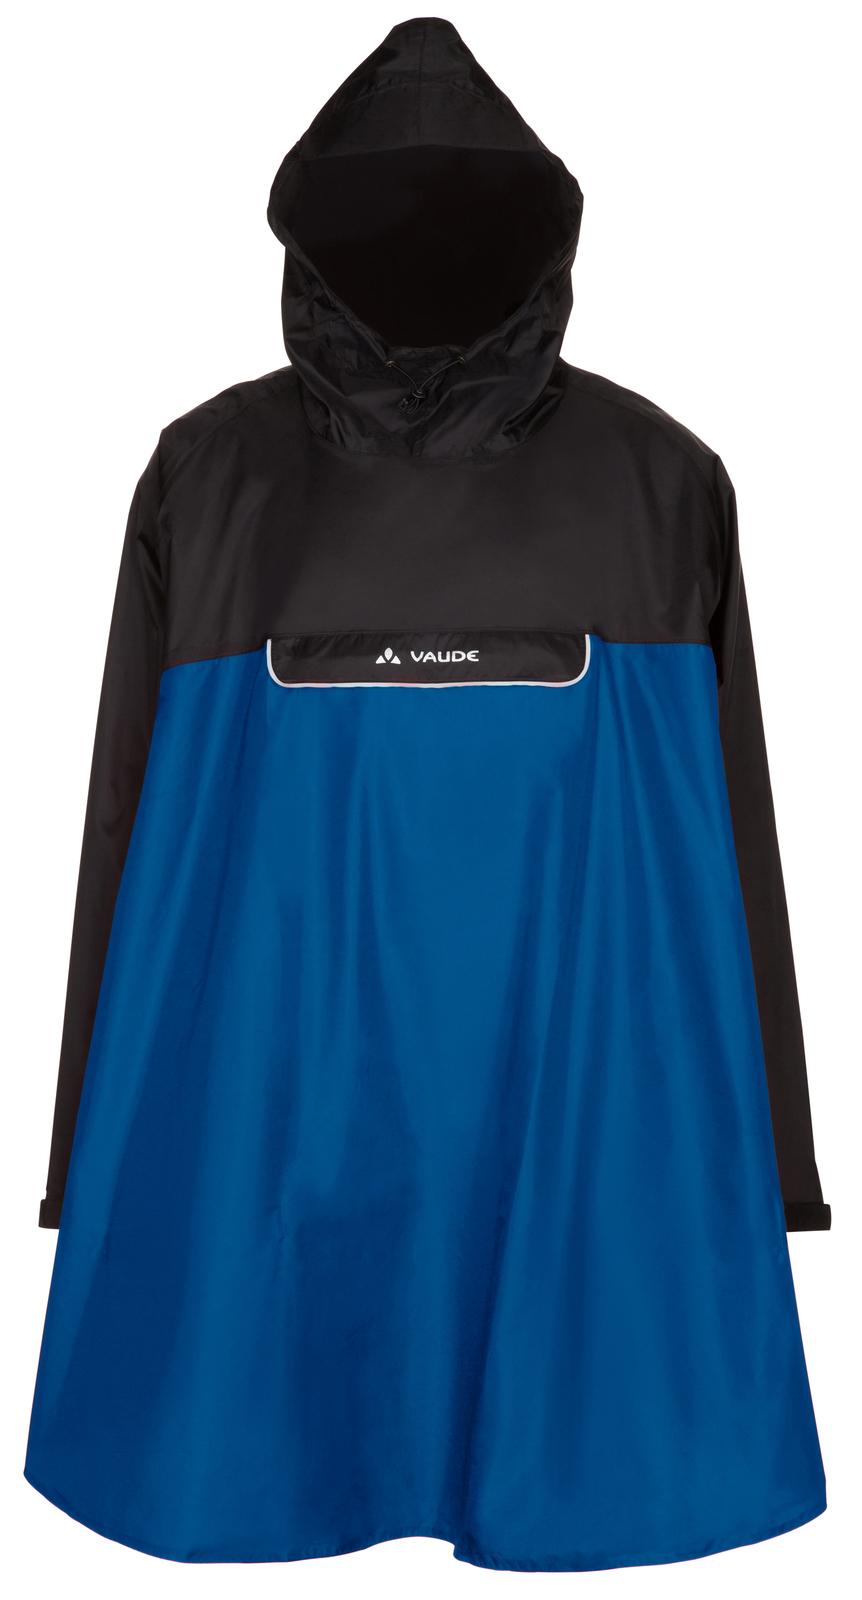 VAUDE Valero Poncho blue Größe S - schneider-sports